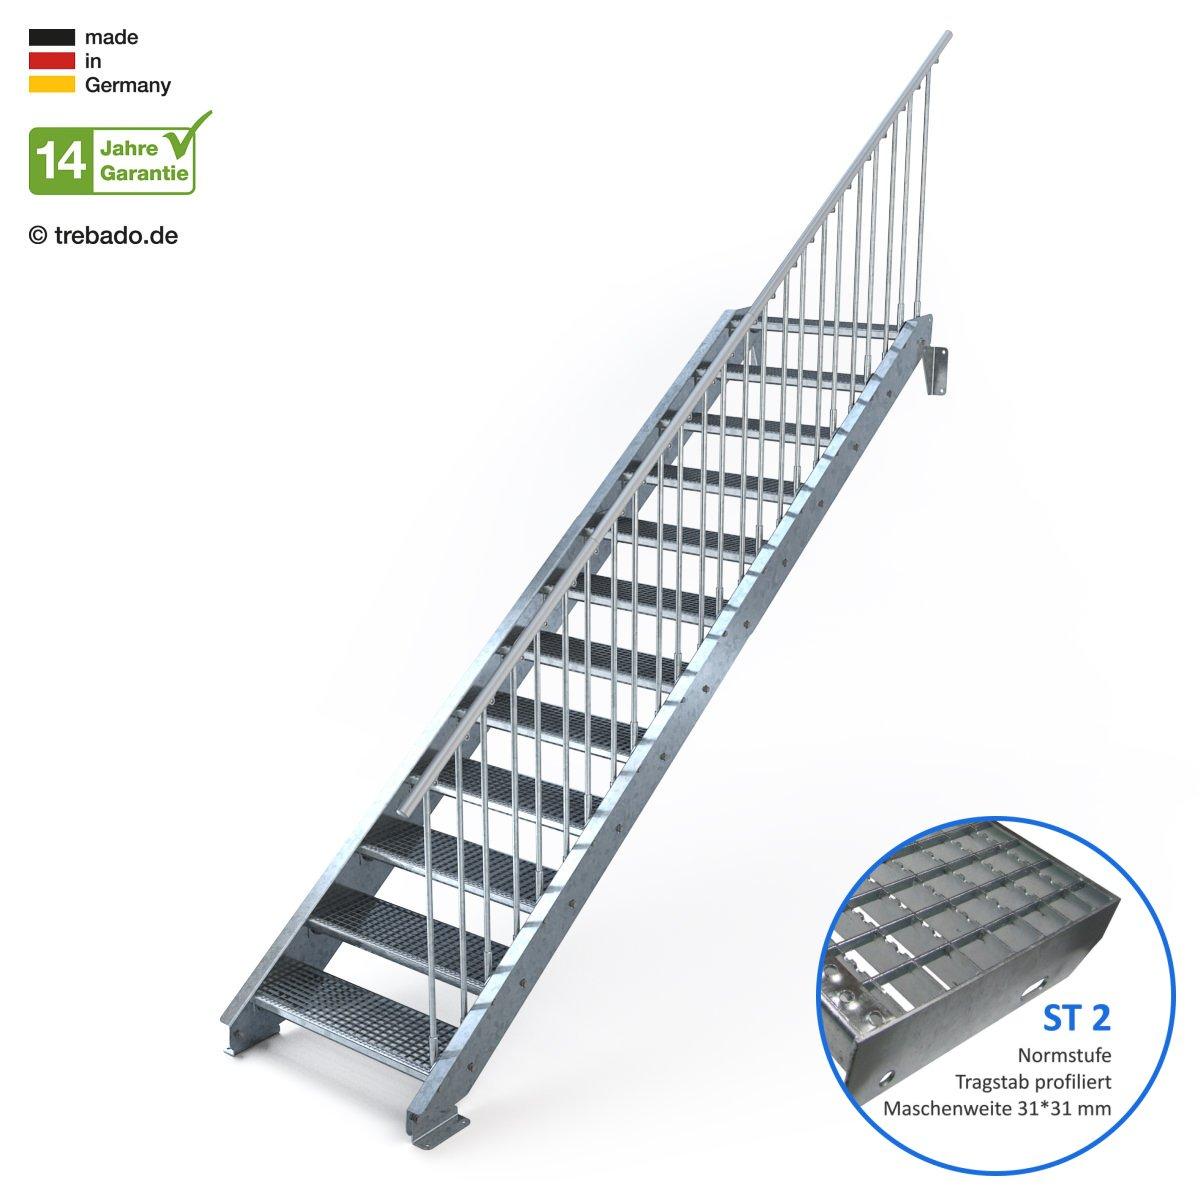 feuerverzinkte Stahltreppe mit 800 mm Stufenl/änge als montagefertiger Bausatz einseitiges Gel/änder rechts Anstellh/öhe variabel von 199 cm bis 240 cm Au/ßentreppe 12 Stufen 80 cm Laufbreite Gitterroststufe ST3